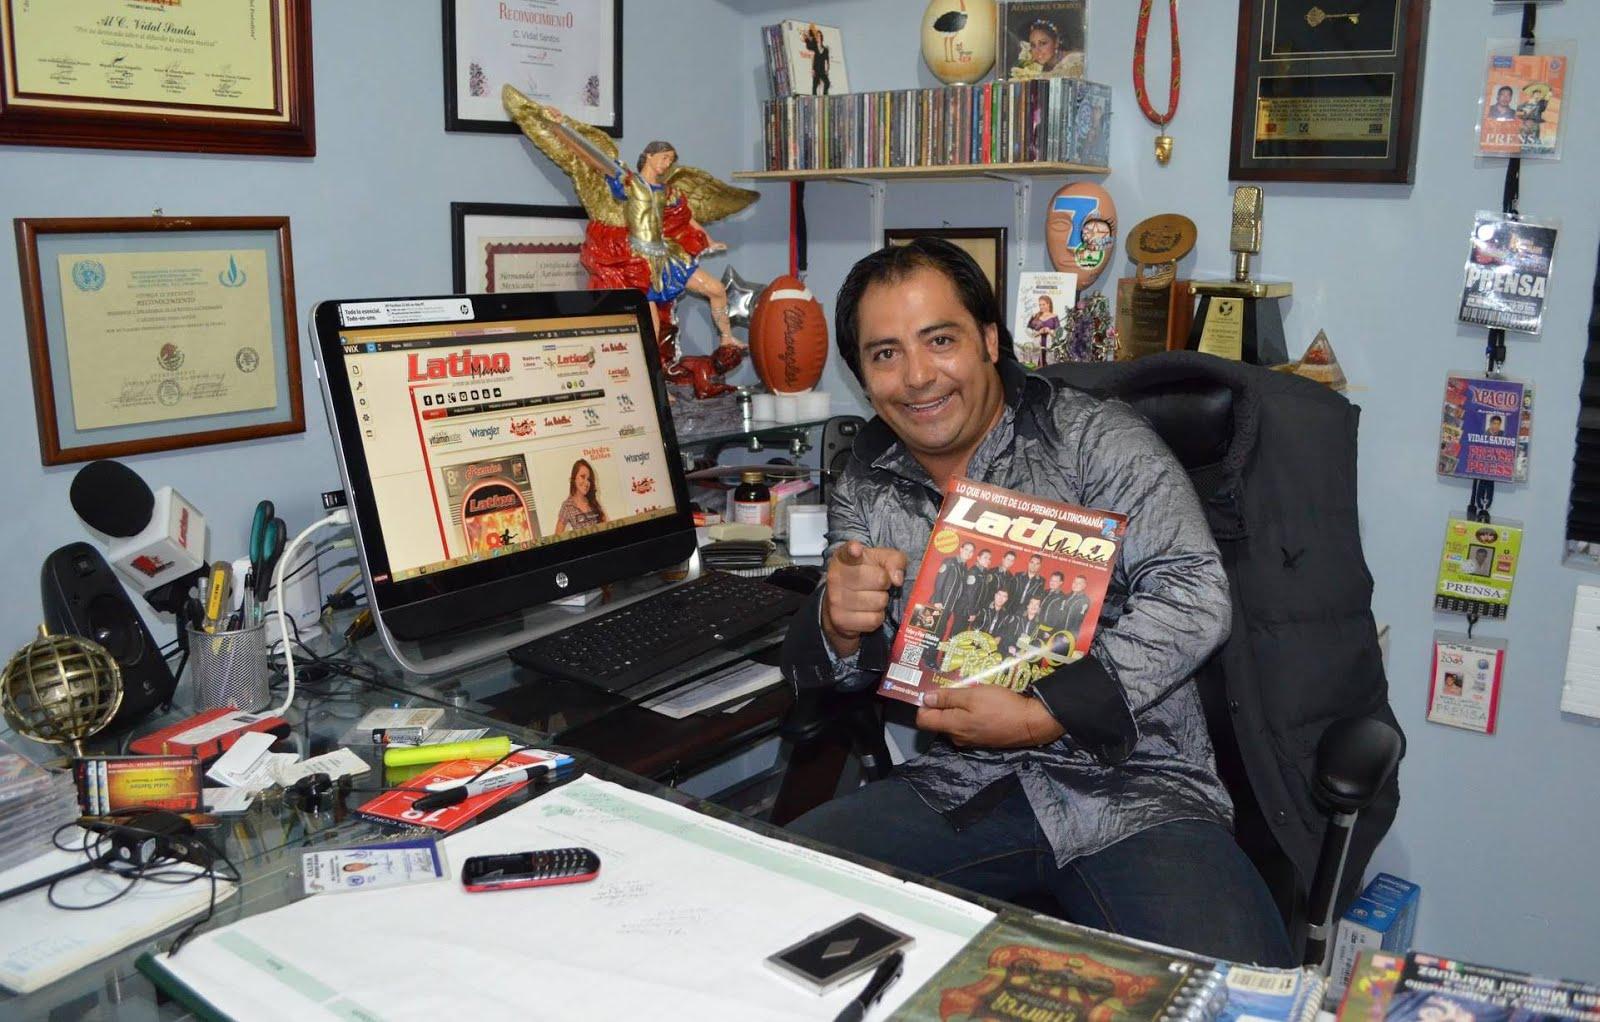 Atte.: Llisus Méndez Lira -----medio de comunicación